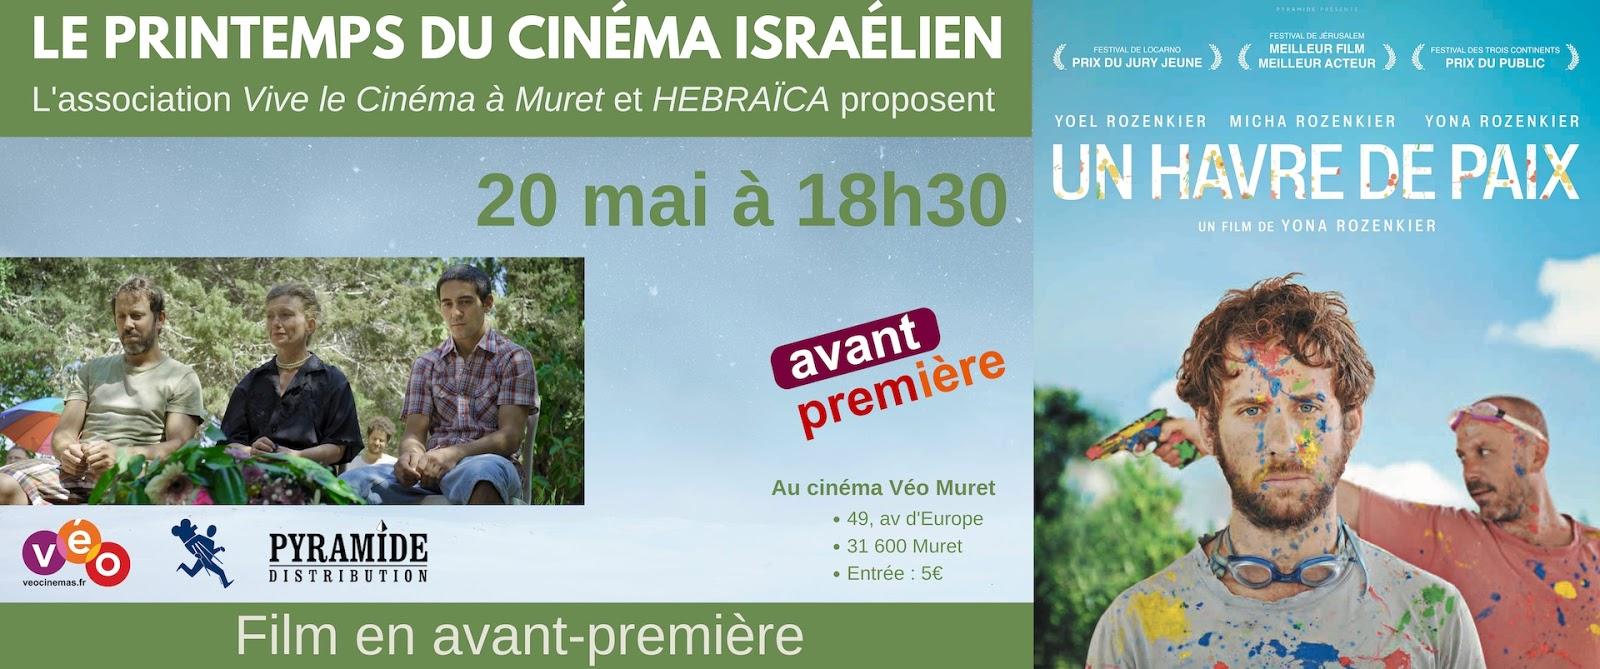 Un havre de paix - Printemps du cinéma israélien